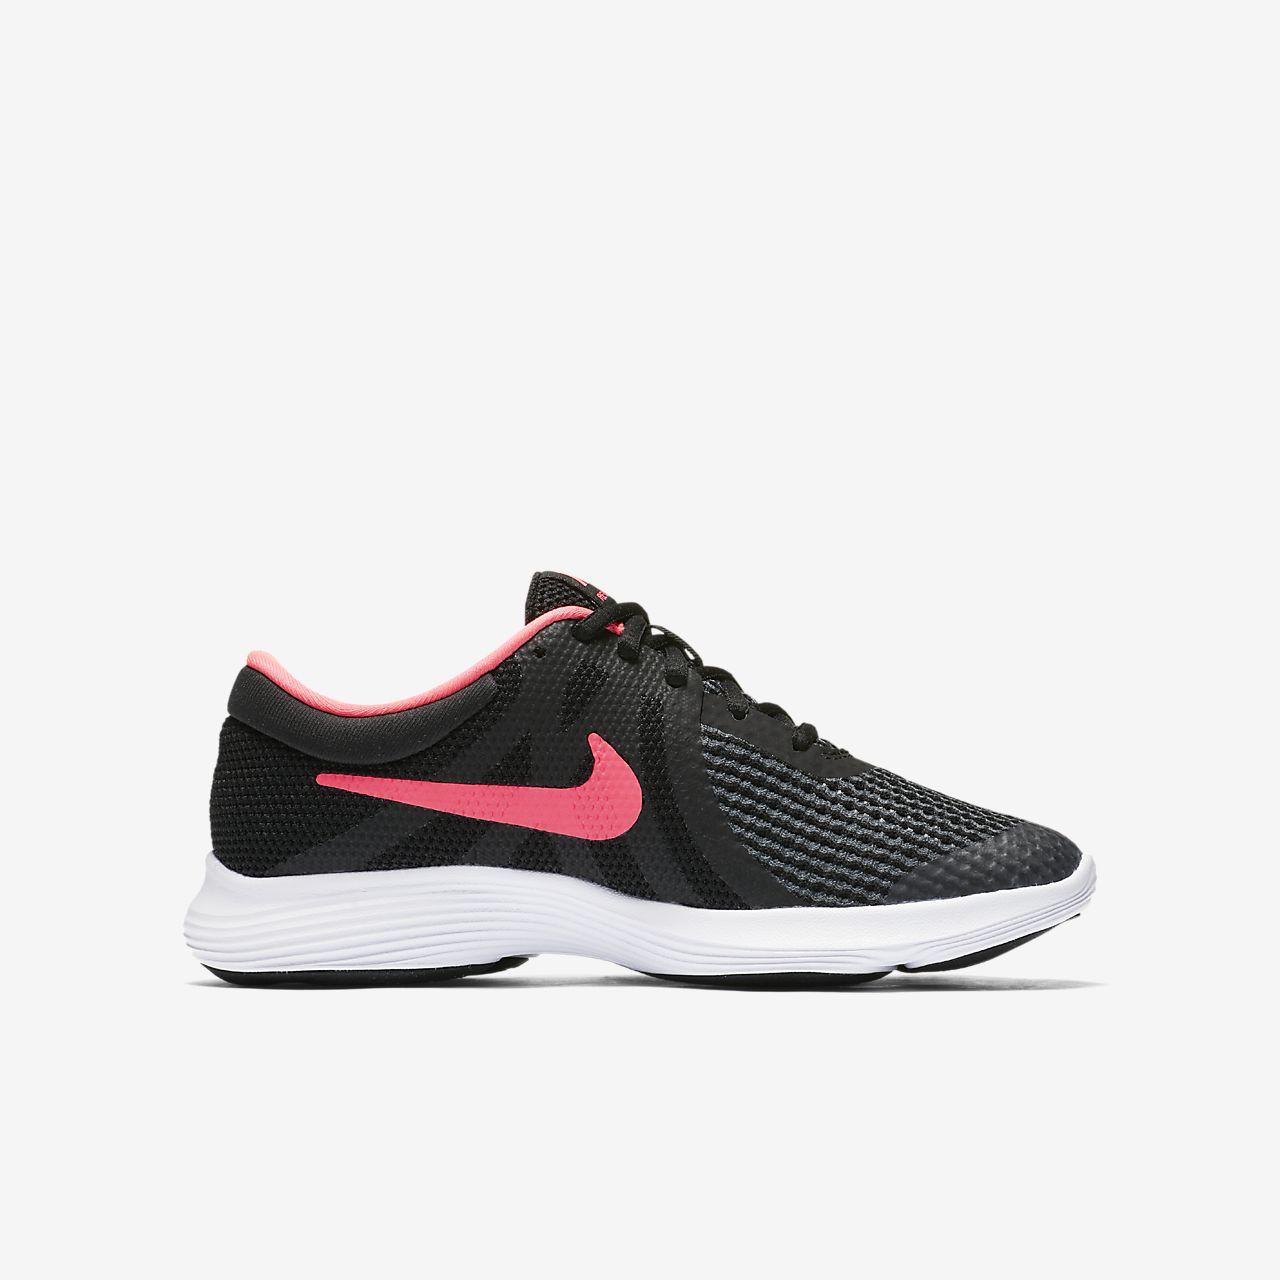 faf0181cce723 Nike Revolution 4 Older Kids  Running Shoe. Nike.com AU